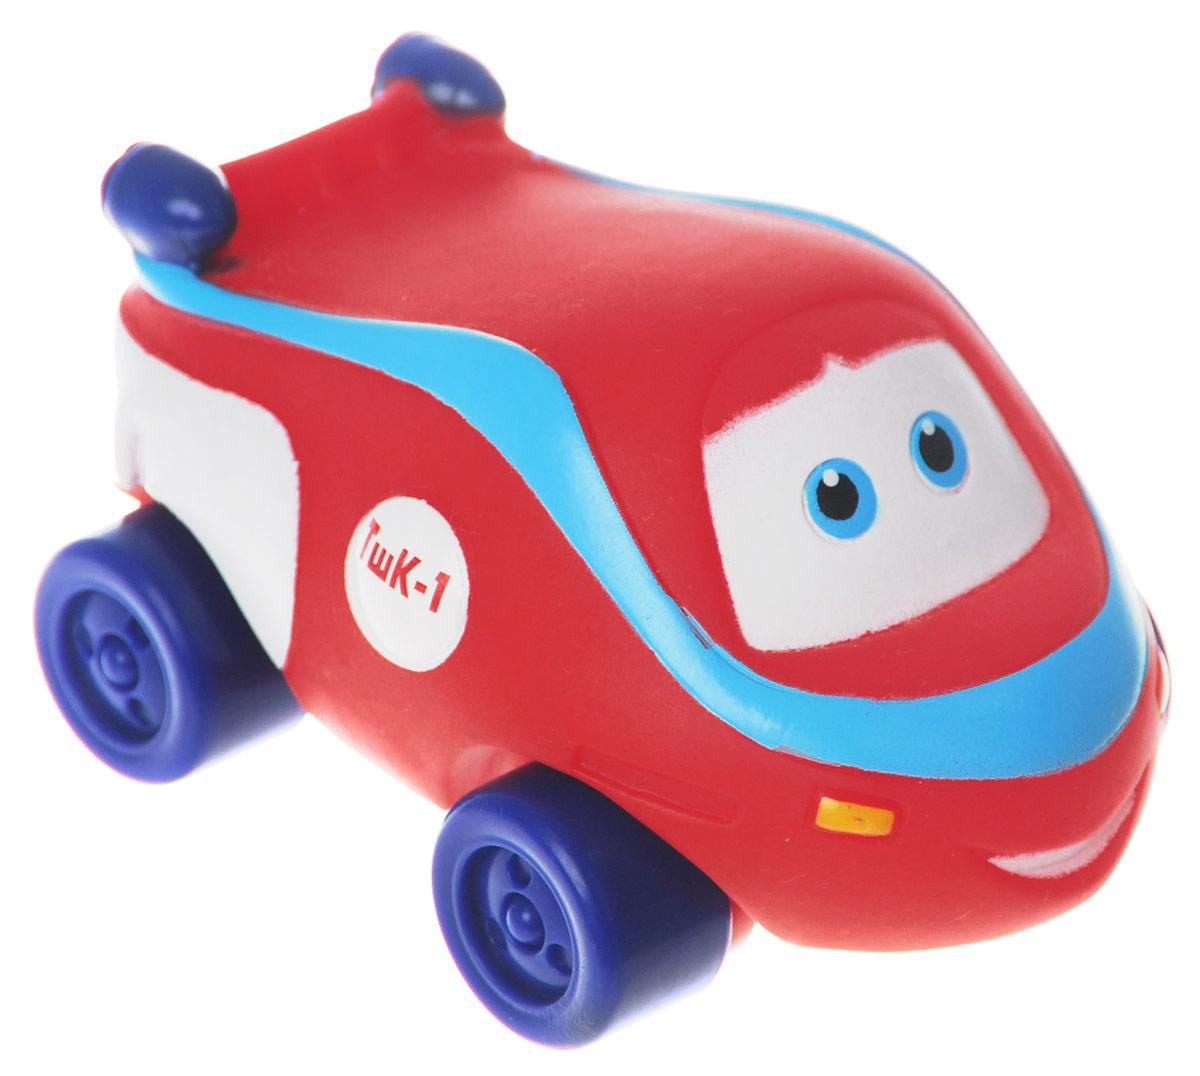 Играем вместе Игрушка для ванной Паровозик Тишка5R-WLSИгрушка для ванной Играем вместе Паровозик Тишка светится и поет веселую песенку из одноименного мультфильма. Выполнена игрушка очень тщательно и качественно. Герметичный корпус защищает механизм и элементы питания от попадания воды, поэтому ребенок может смело опускать задорную игрушку в воду. Колеса паровозика крутятся. Сделайте вашему малышу такой замечательный подарок!